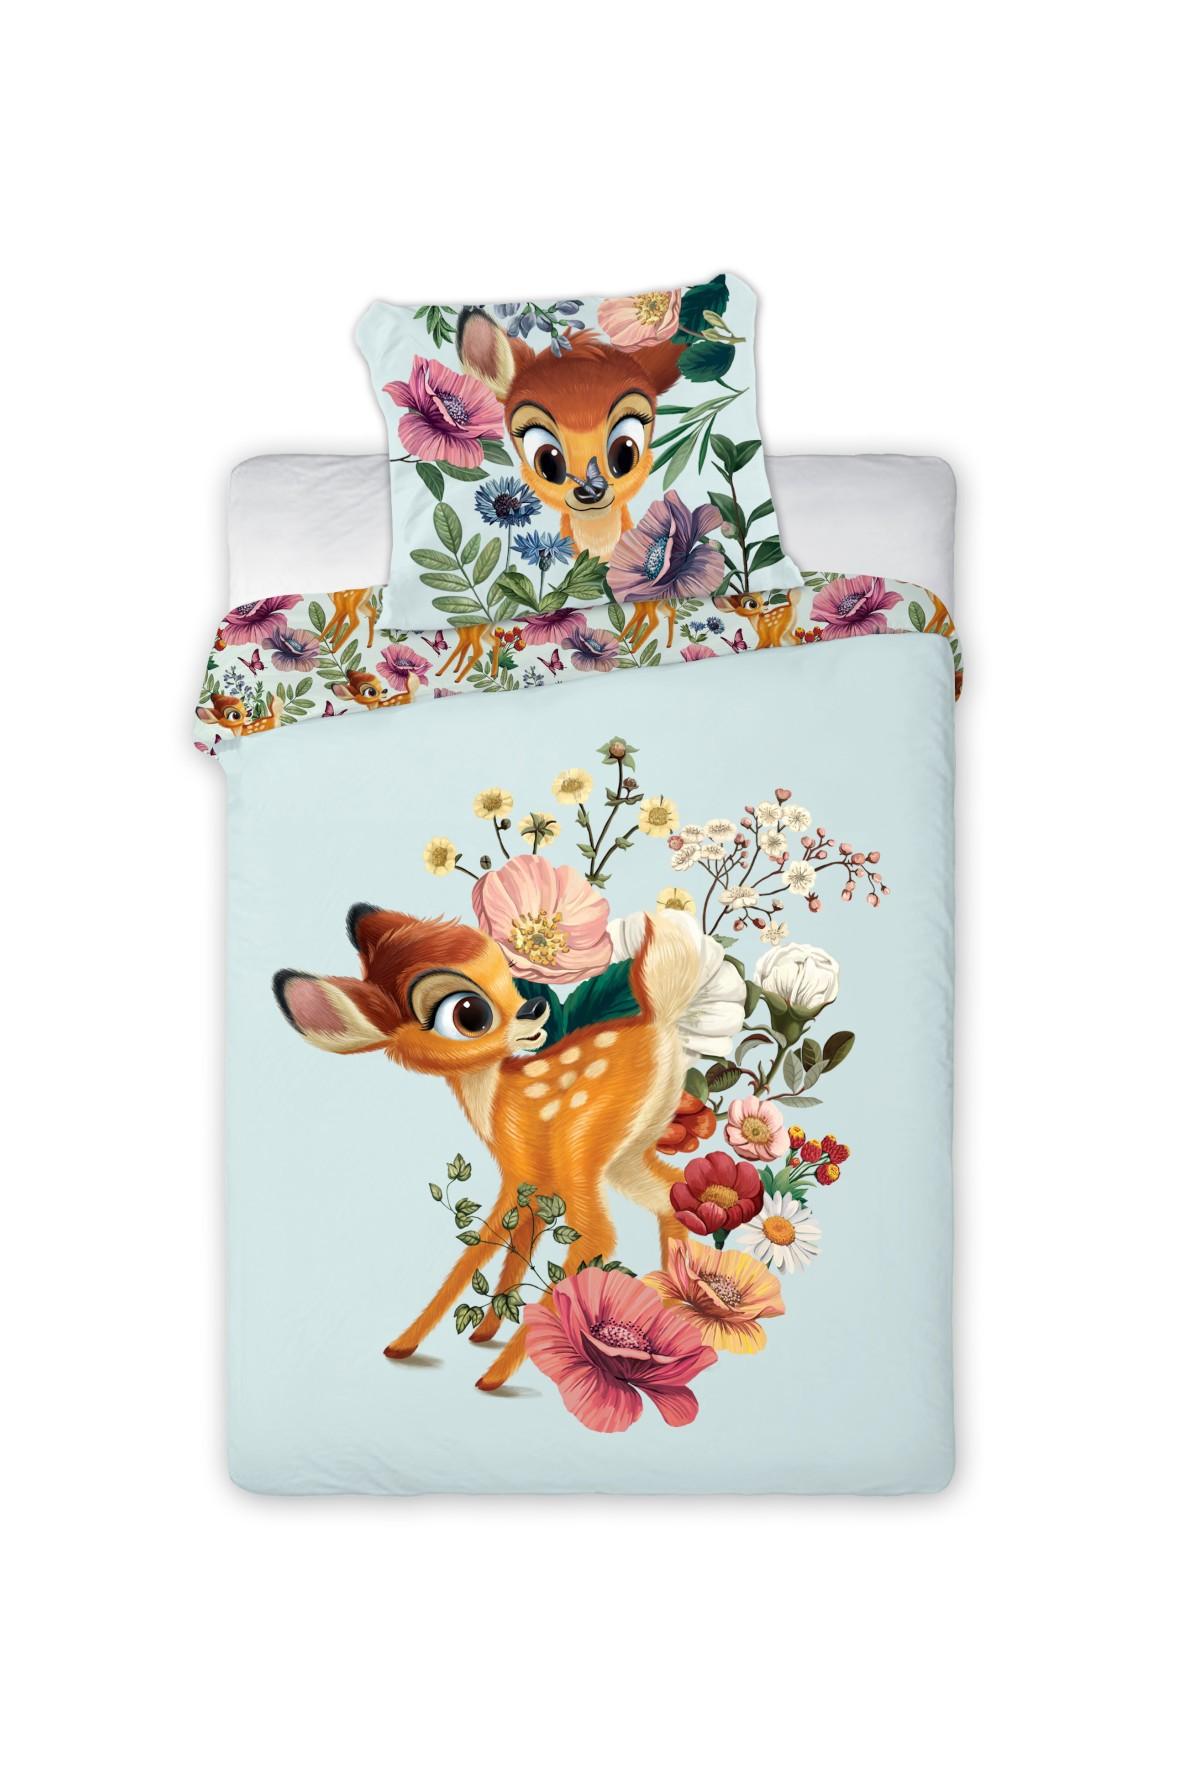 Komplet pościeli Bambi-100x135 + 40x60 cm